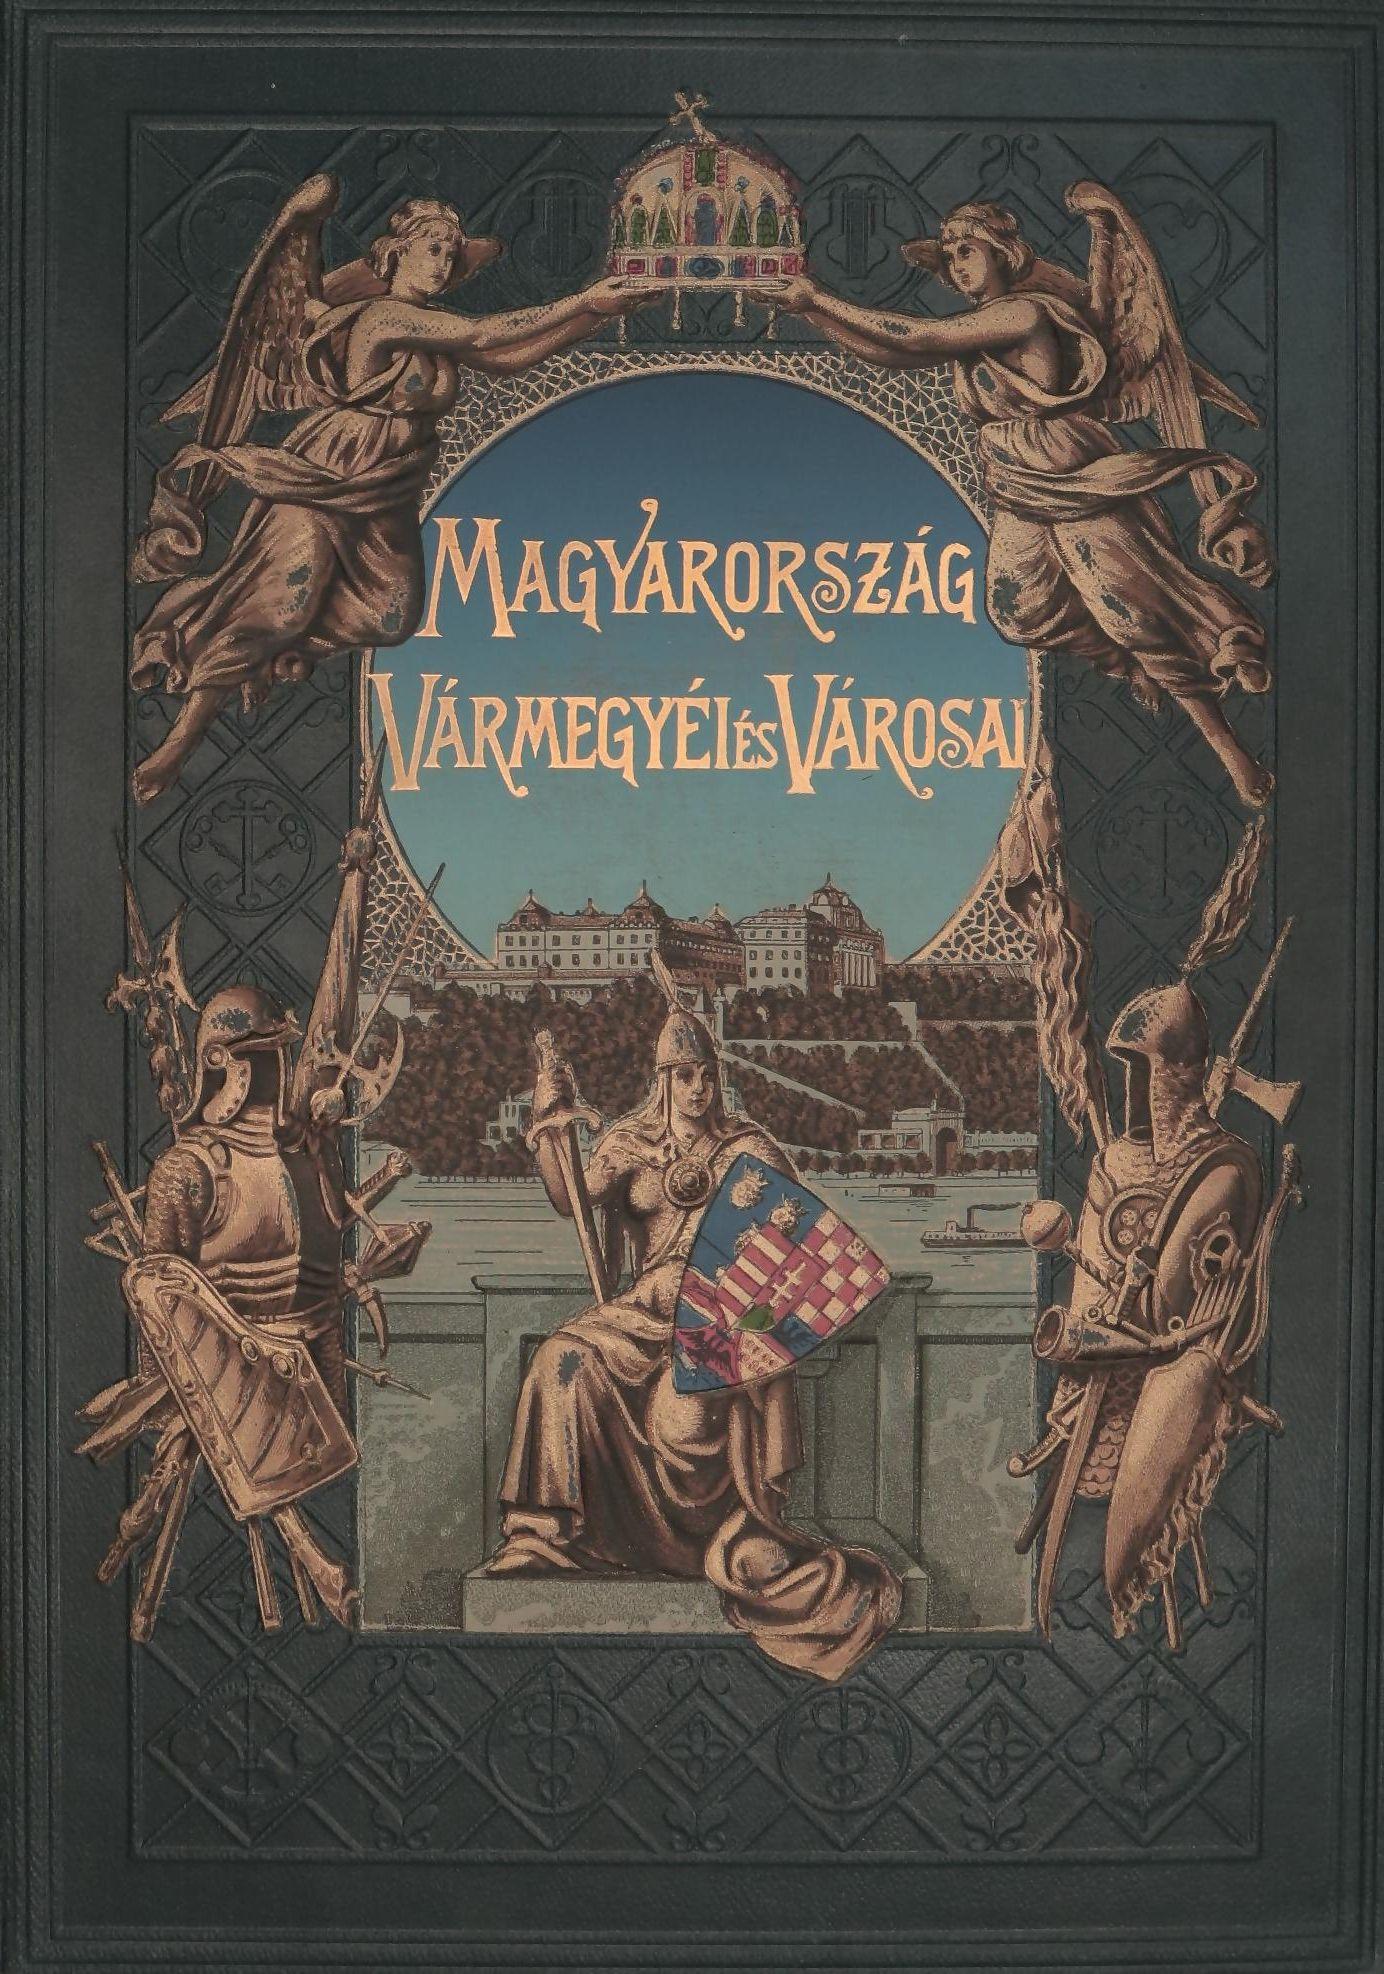 Magyarország vármegyéi és városai (Temes vármegye és Temesvár) - Temesváros